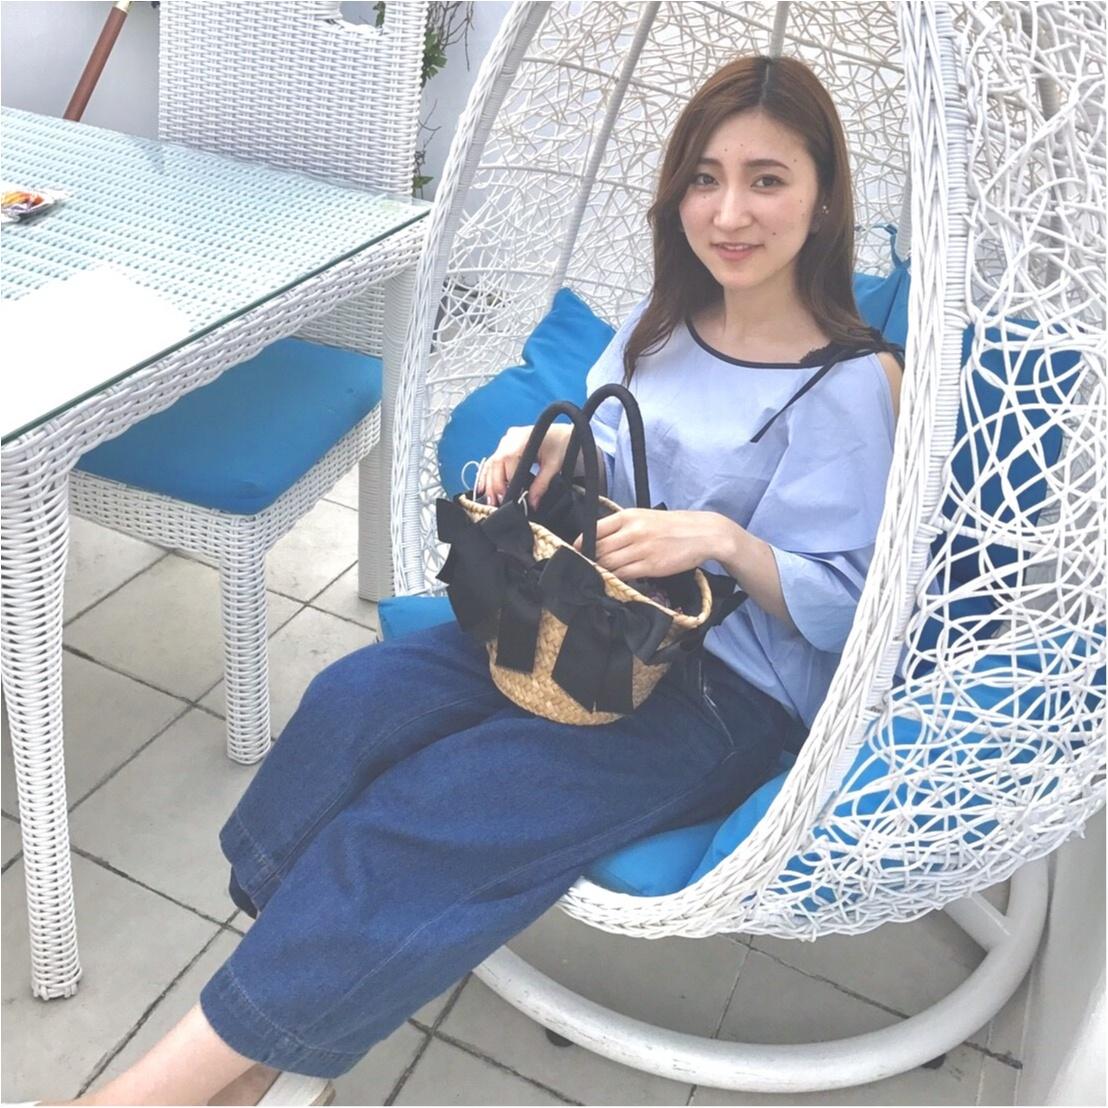 【江ノ島cafe】ホワイト×ブルーの地中海リゾートカフェ。晴れてる日はテラス席がおすすめ!!_6